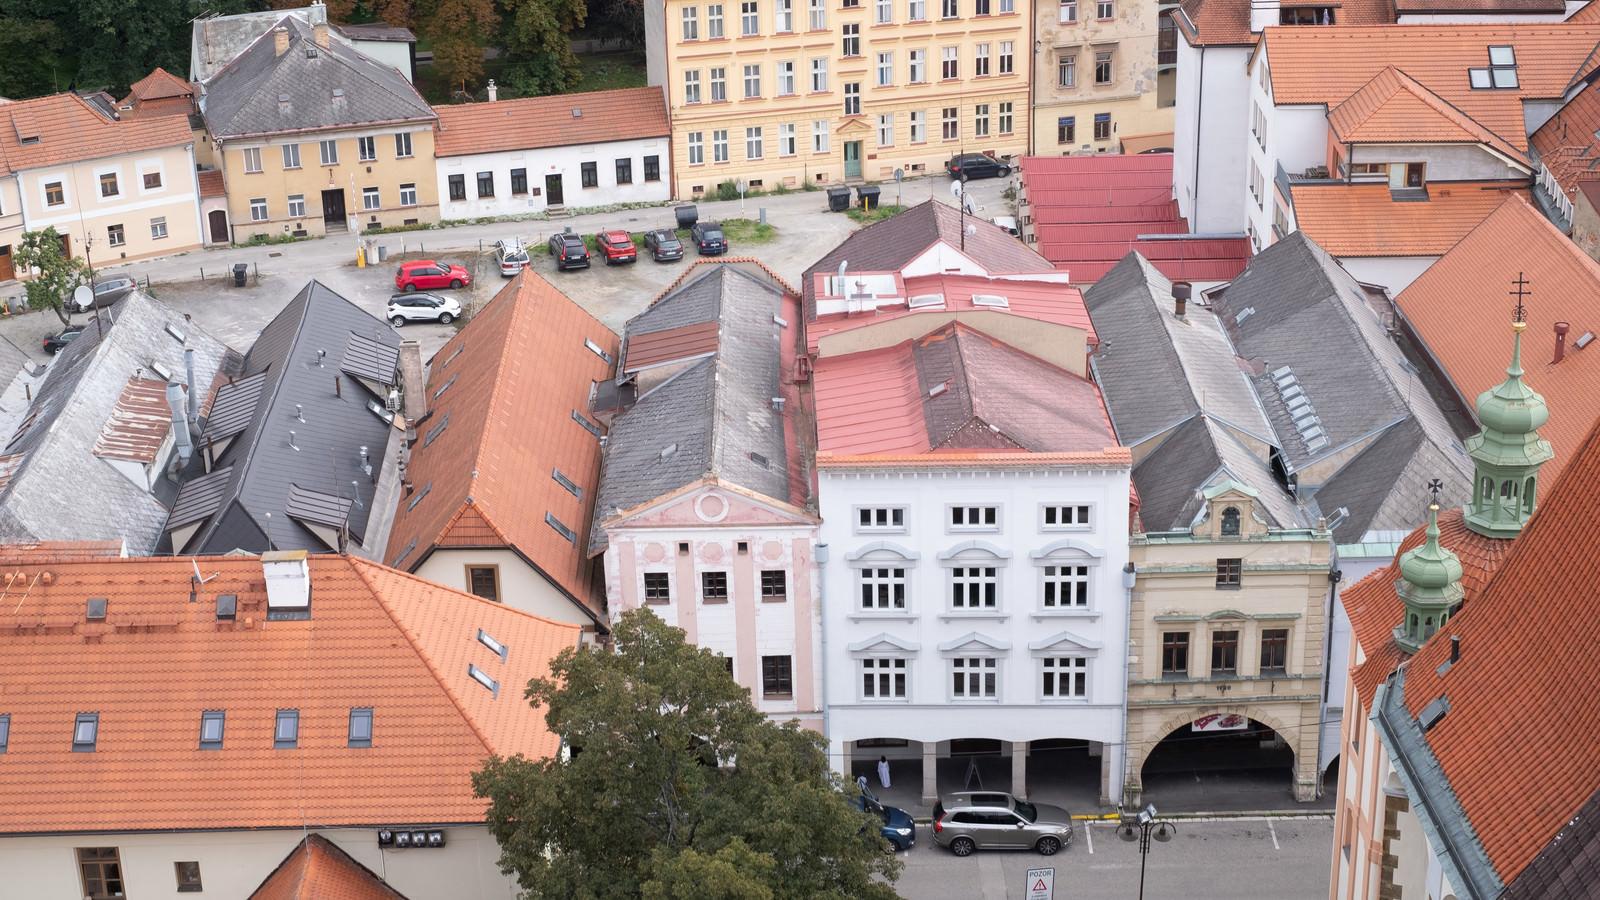 「模型のような建物(チェコ共和国・ブドヴァル)」の写真